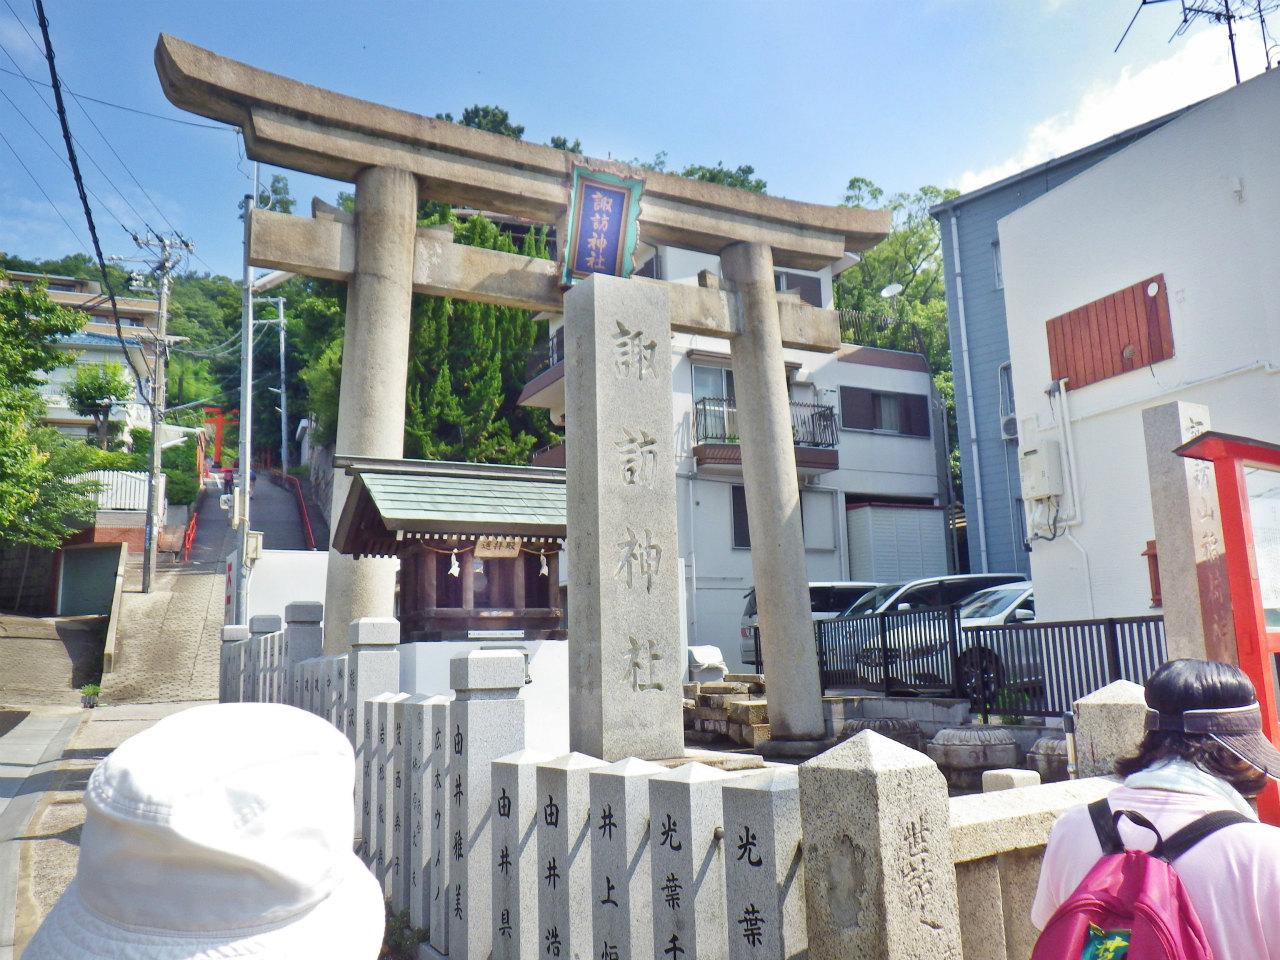 05a 諏訪神社前を通過